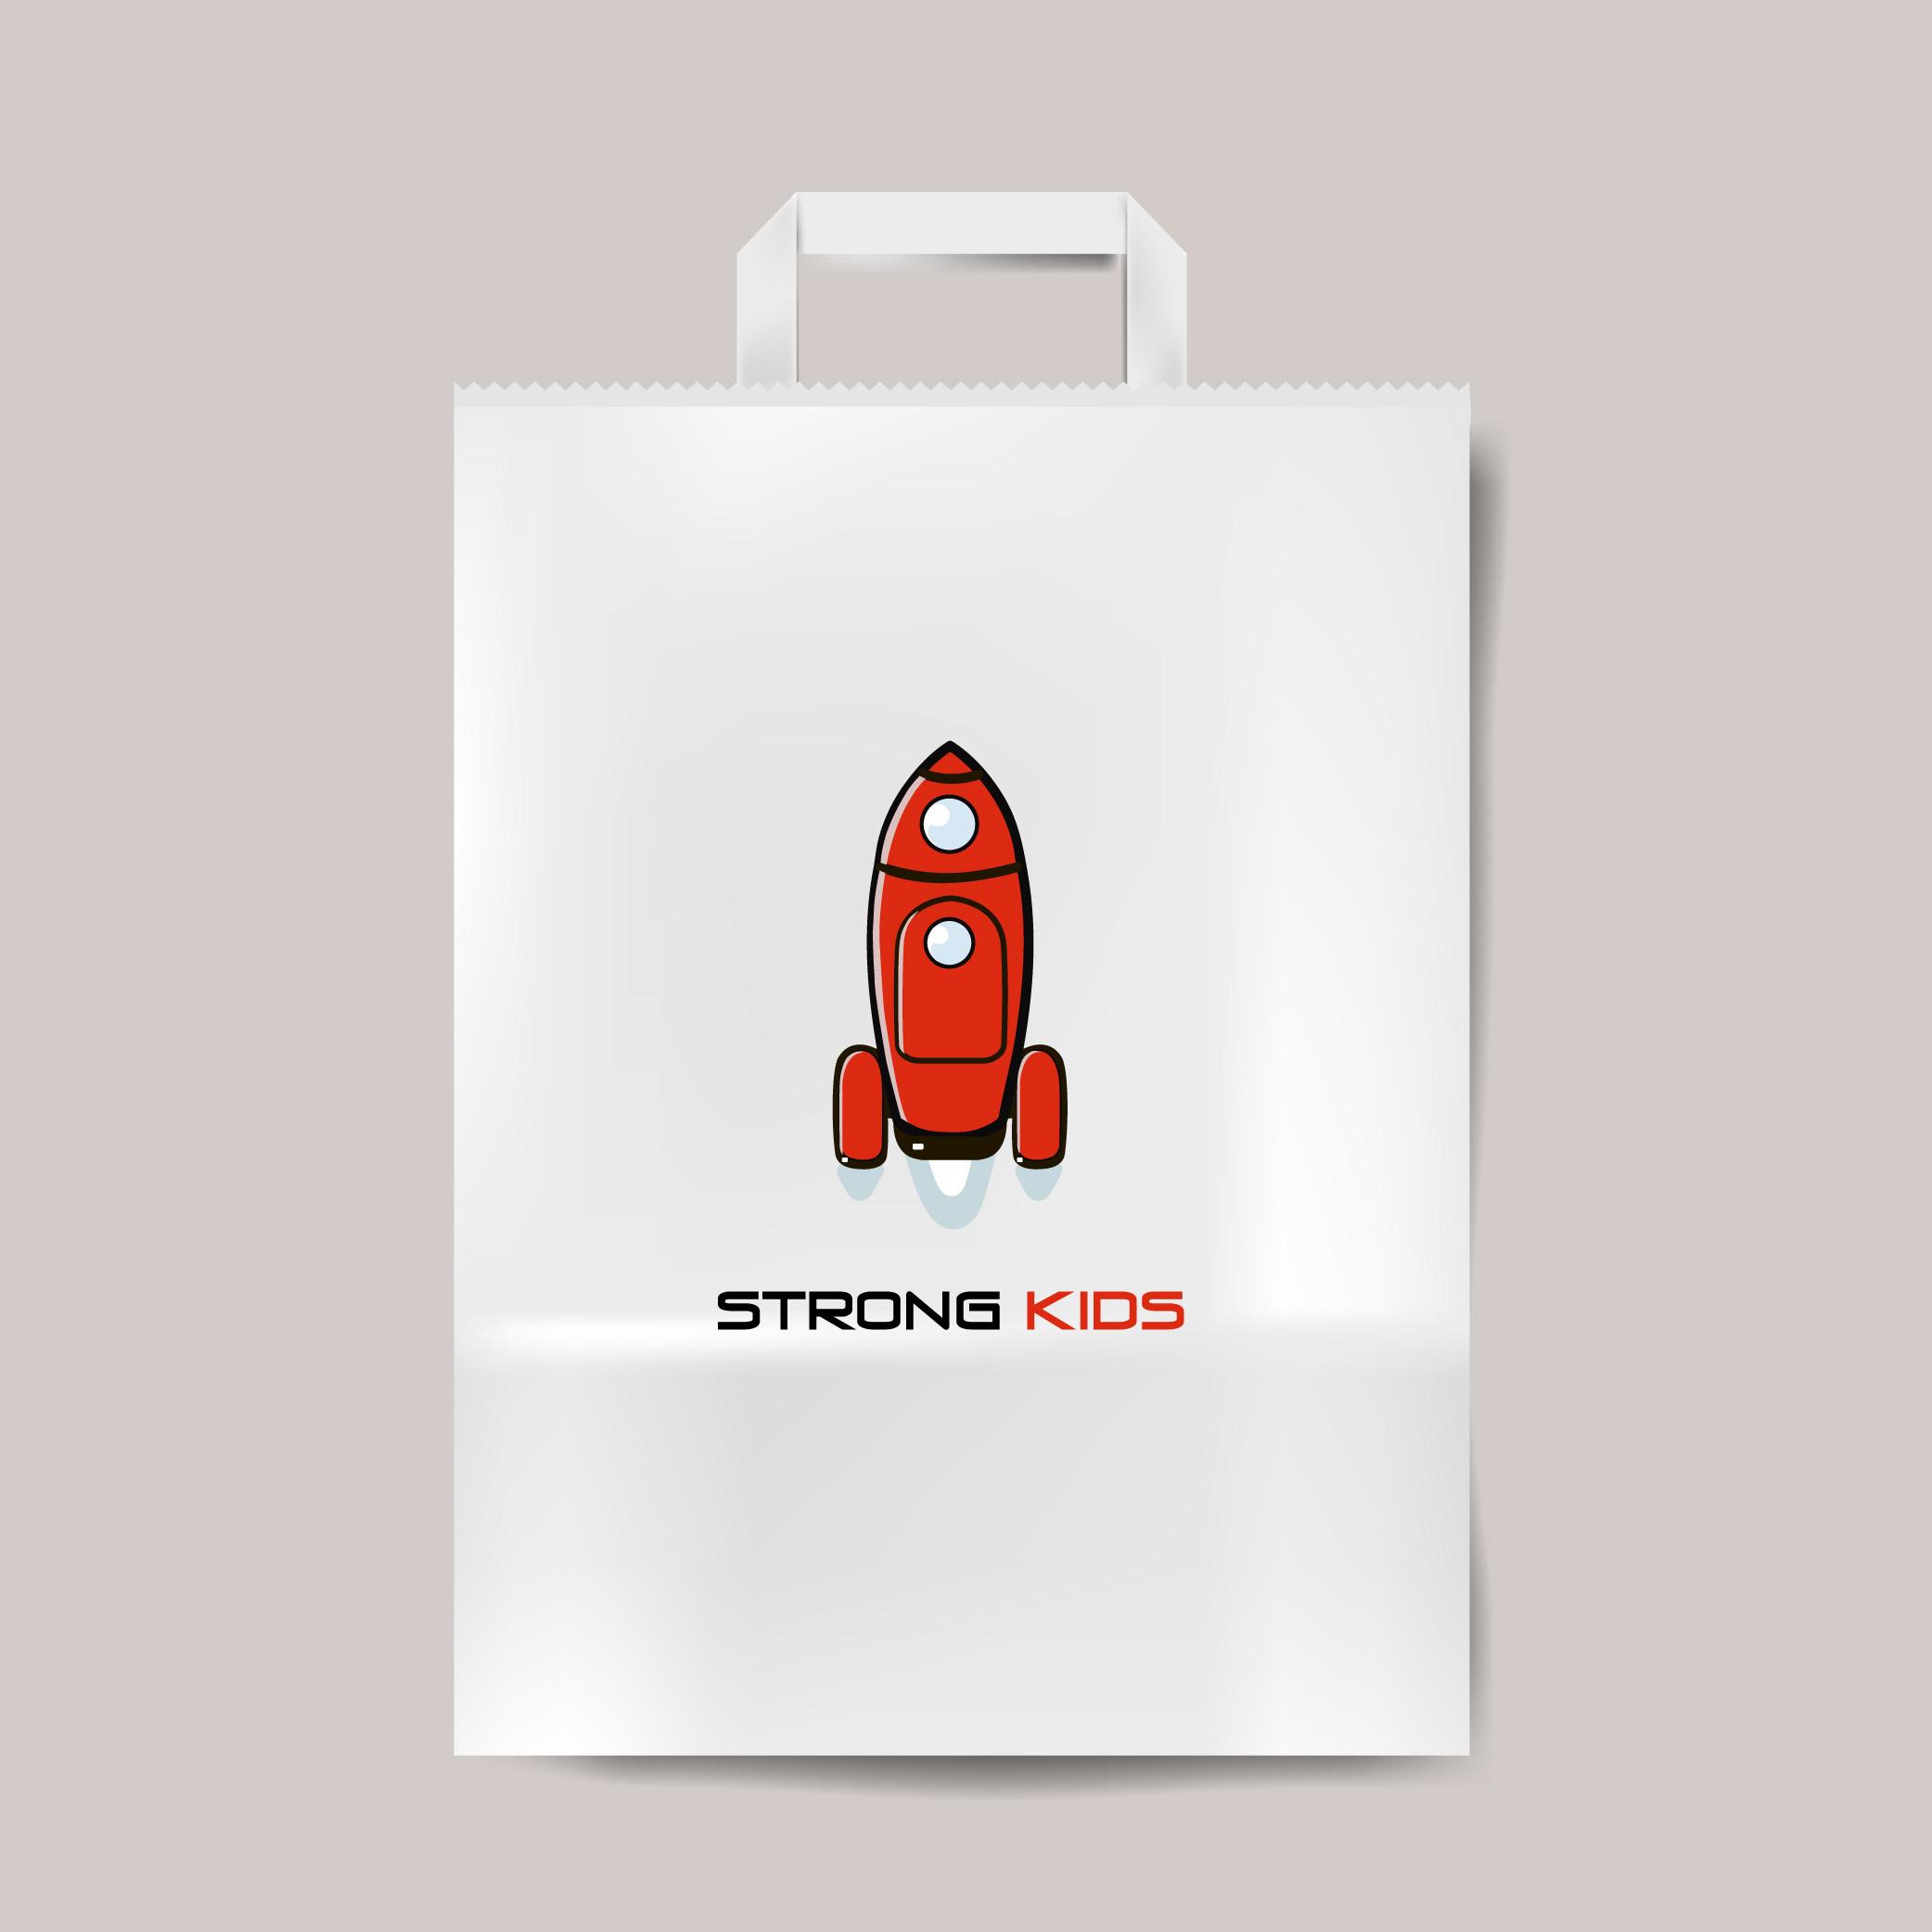 Логотип для Детского Интернет Магазина StrongKids фото f_6485c768049416c8.jpg